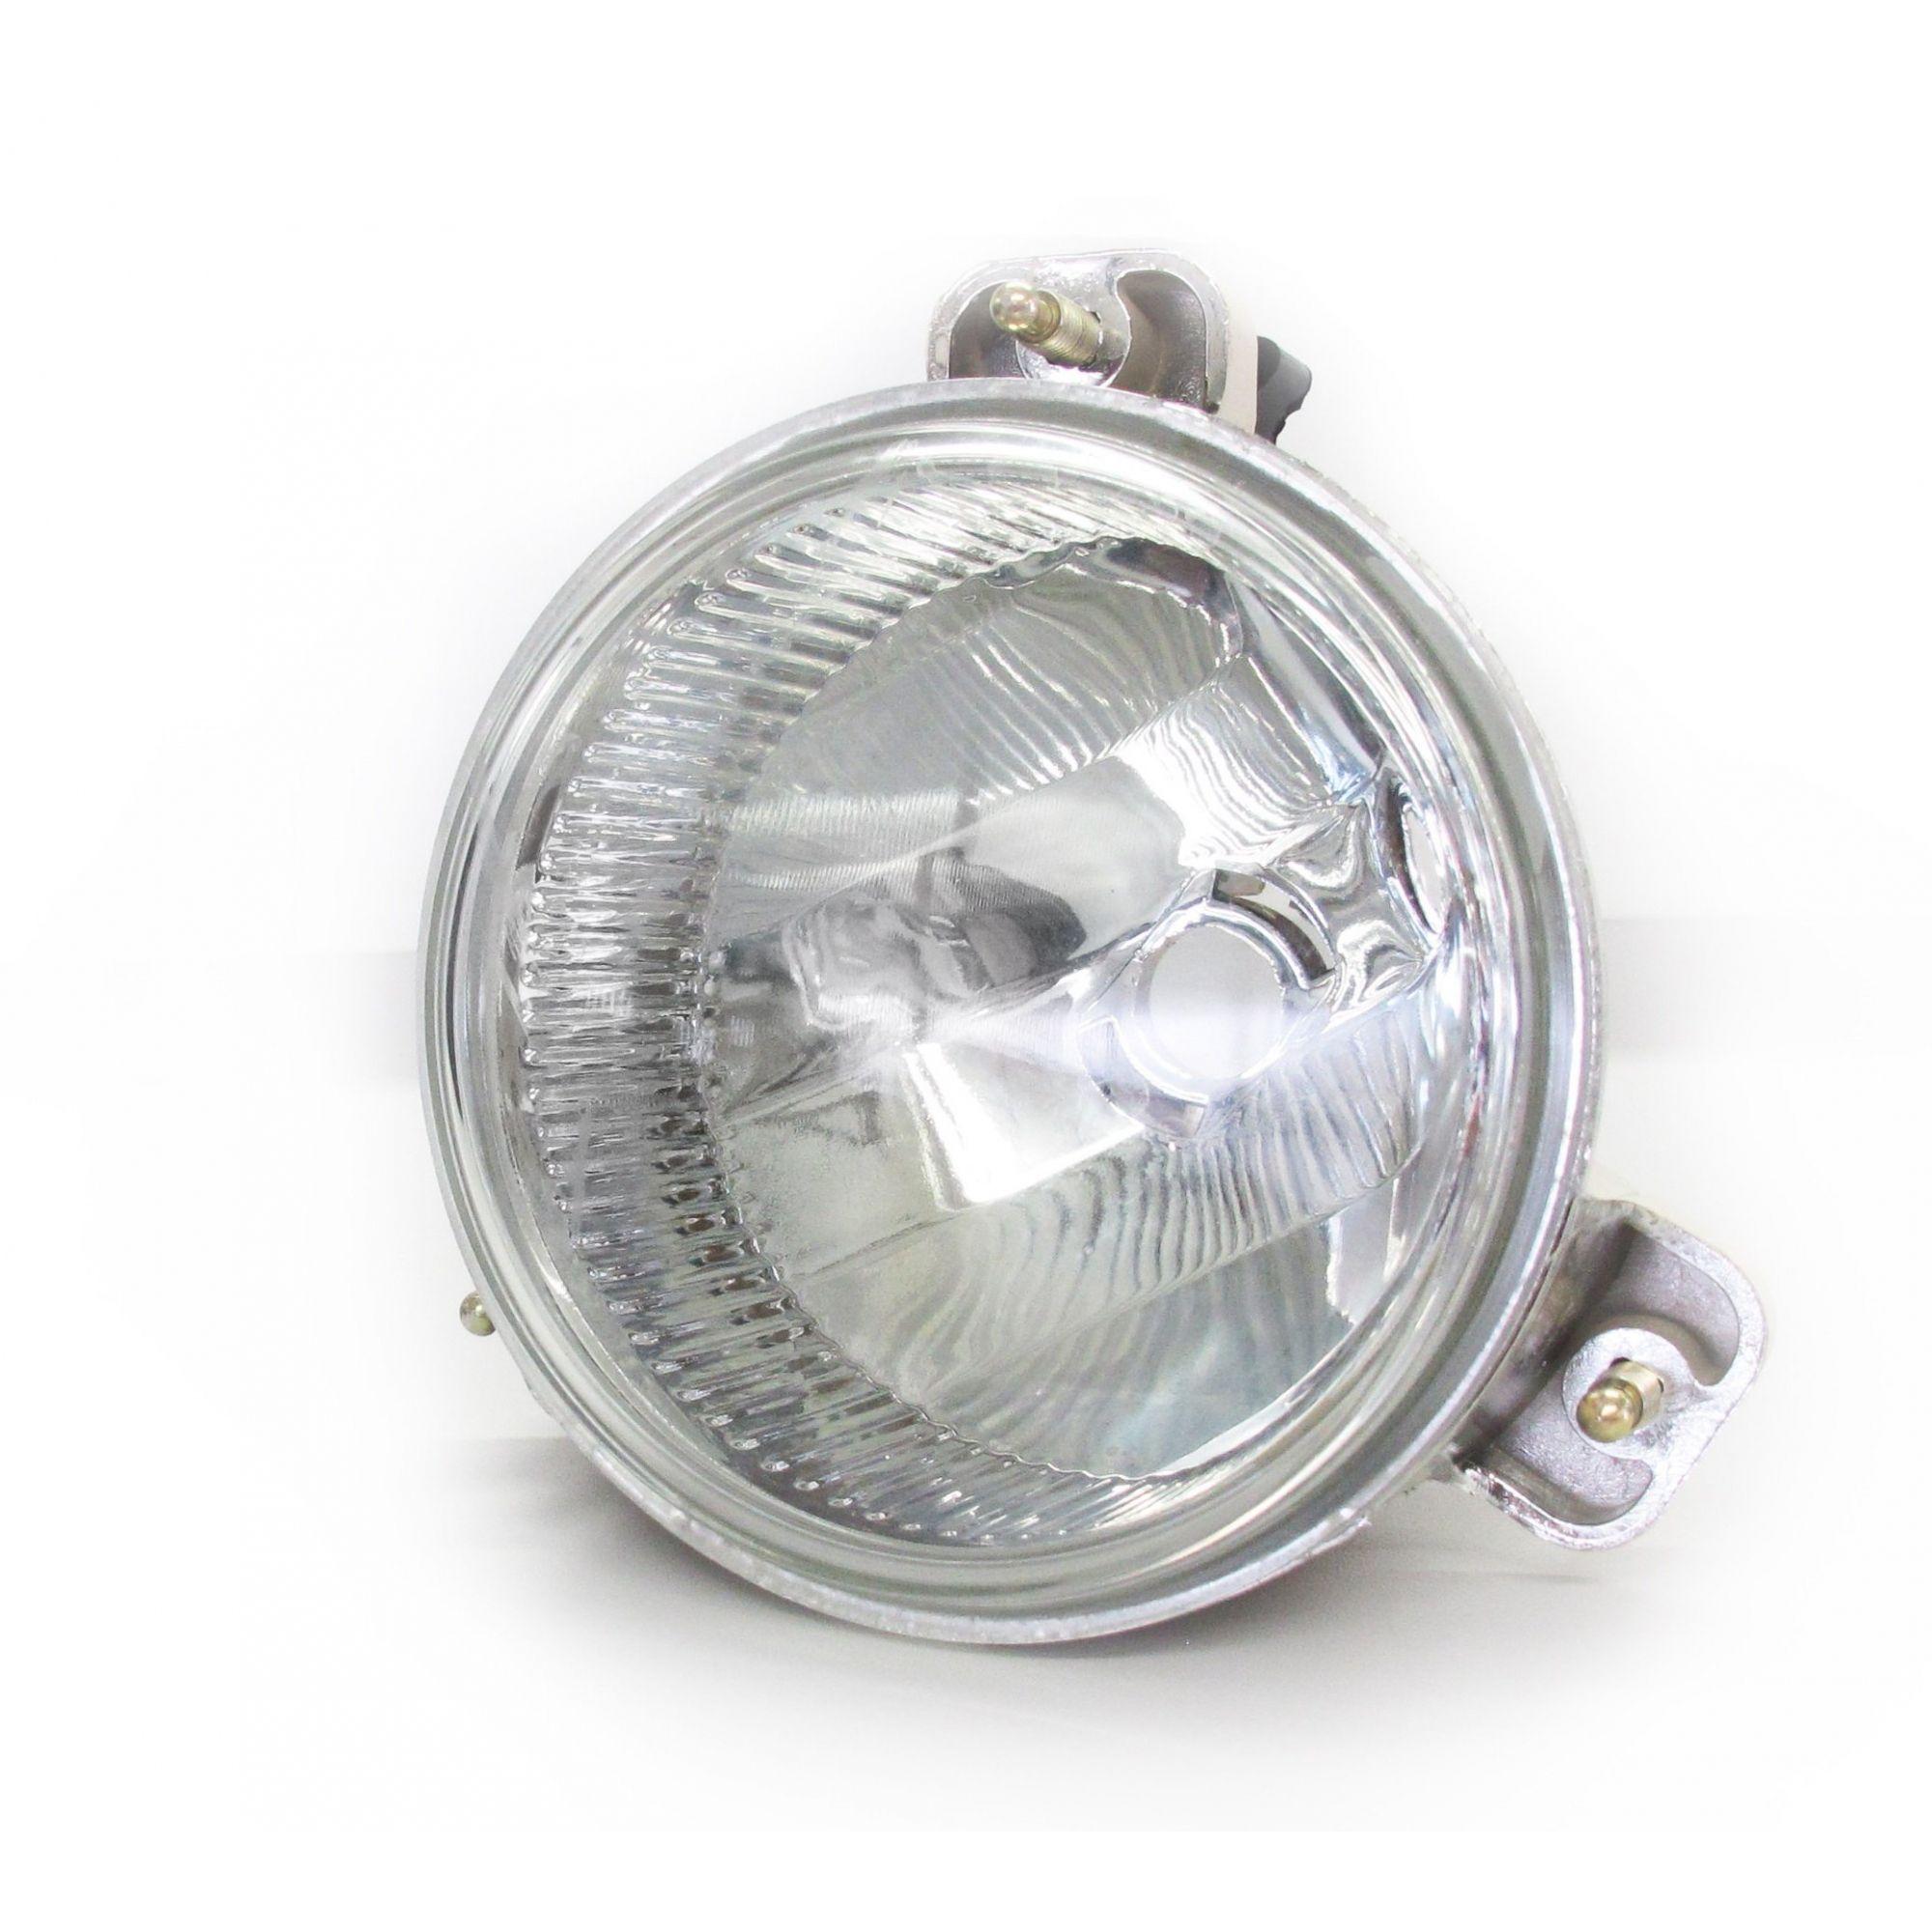 Farol Com Luz de Estacionamento – Volare – Modelo Original – Marca Inov9  - Artmilhas